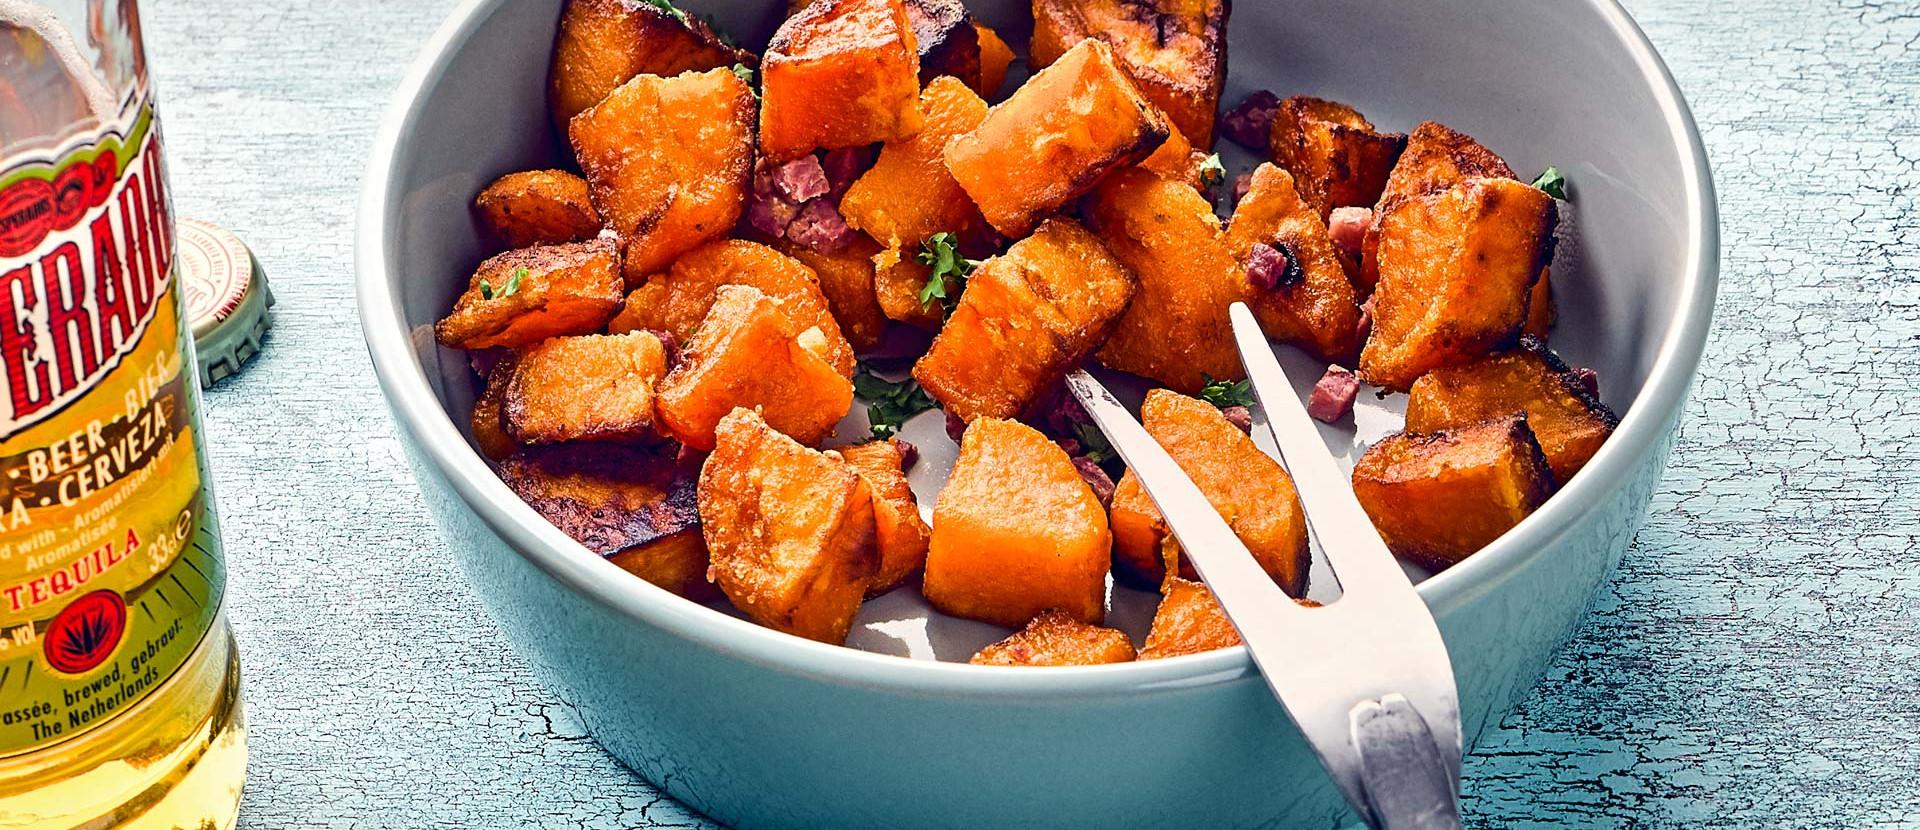 Bratkartoffeln aus Sueszkartoffeln